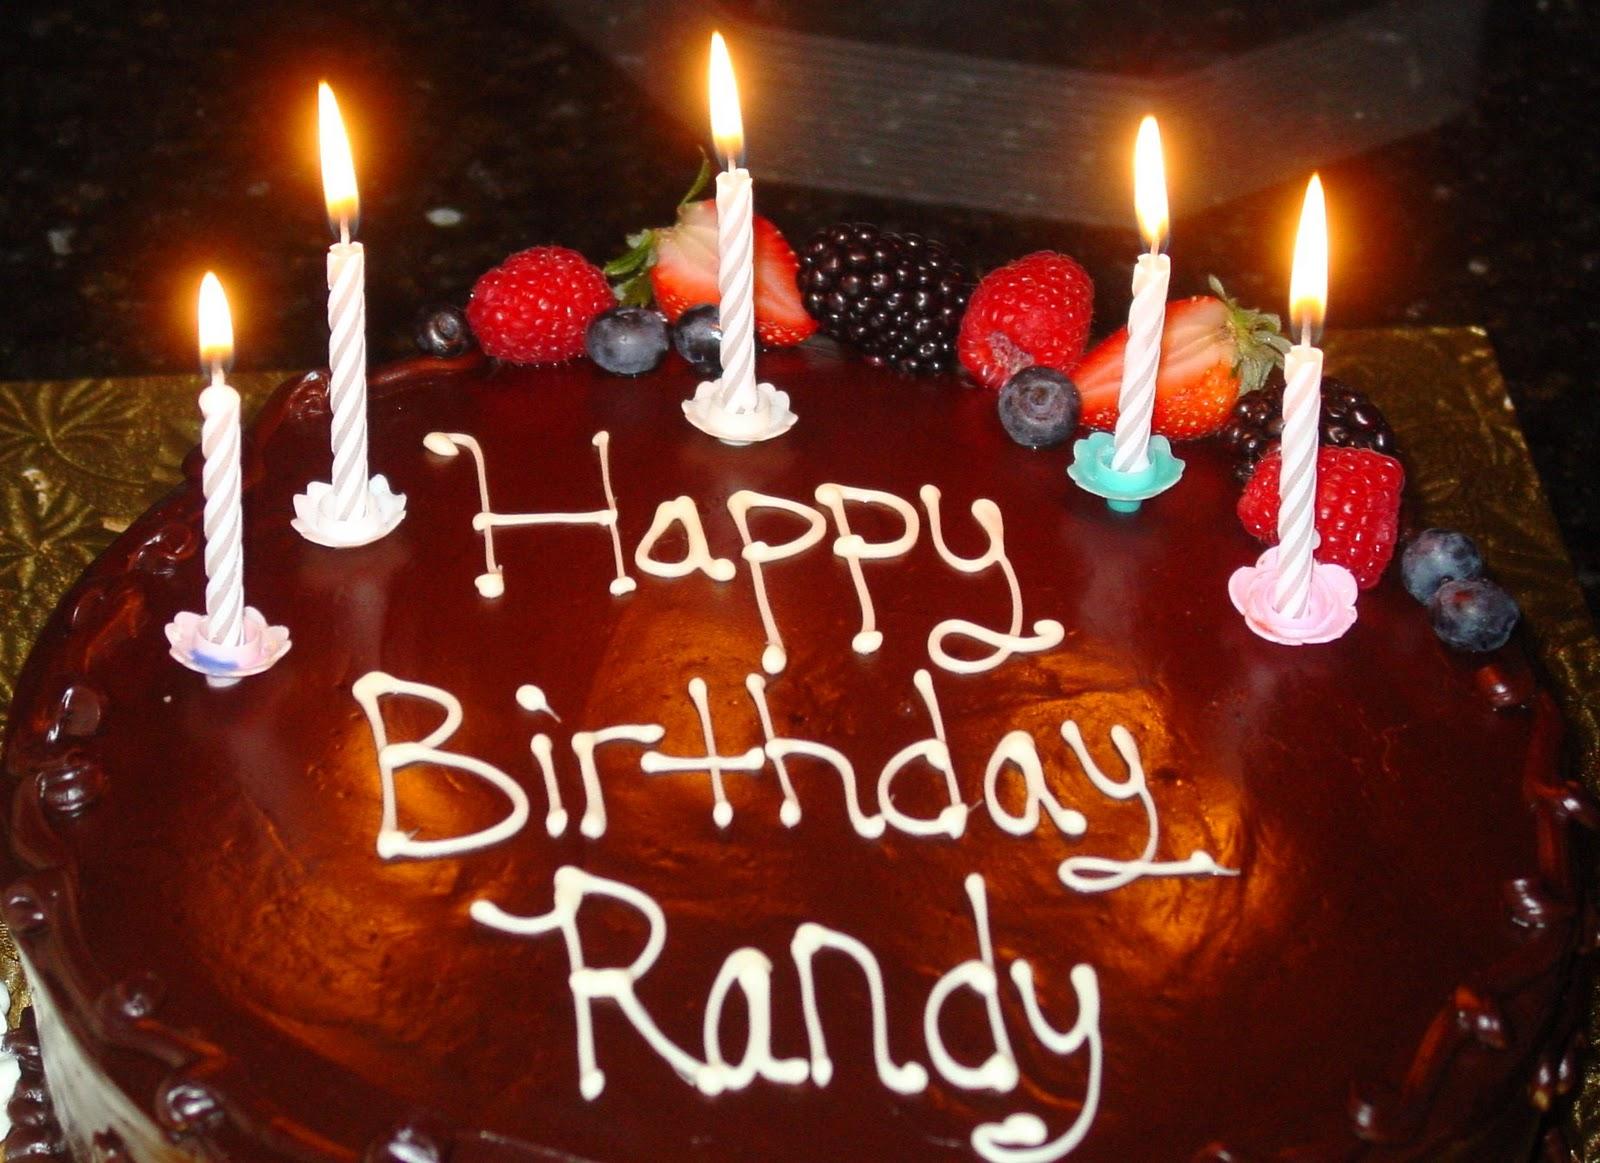 Randy Birthday Cake